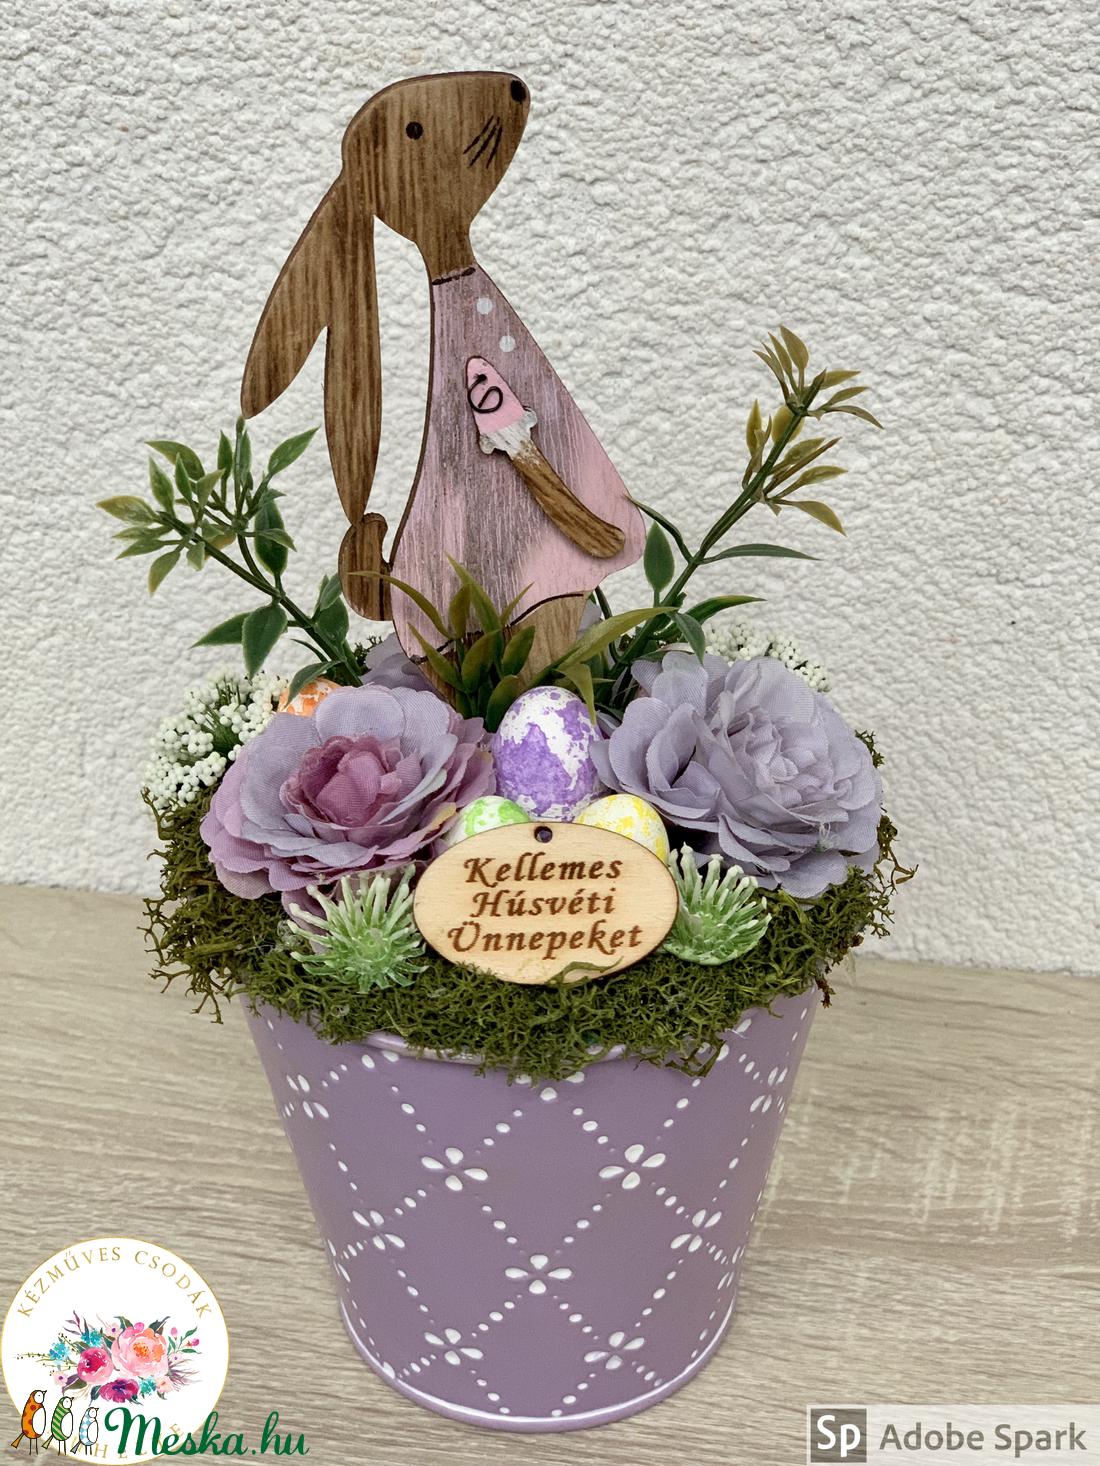 Fából készült húsvéti nyuszik - asztaldísz, dekoráció (AKezmuvescsodak) - Meska.hu